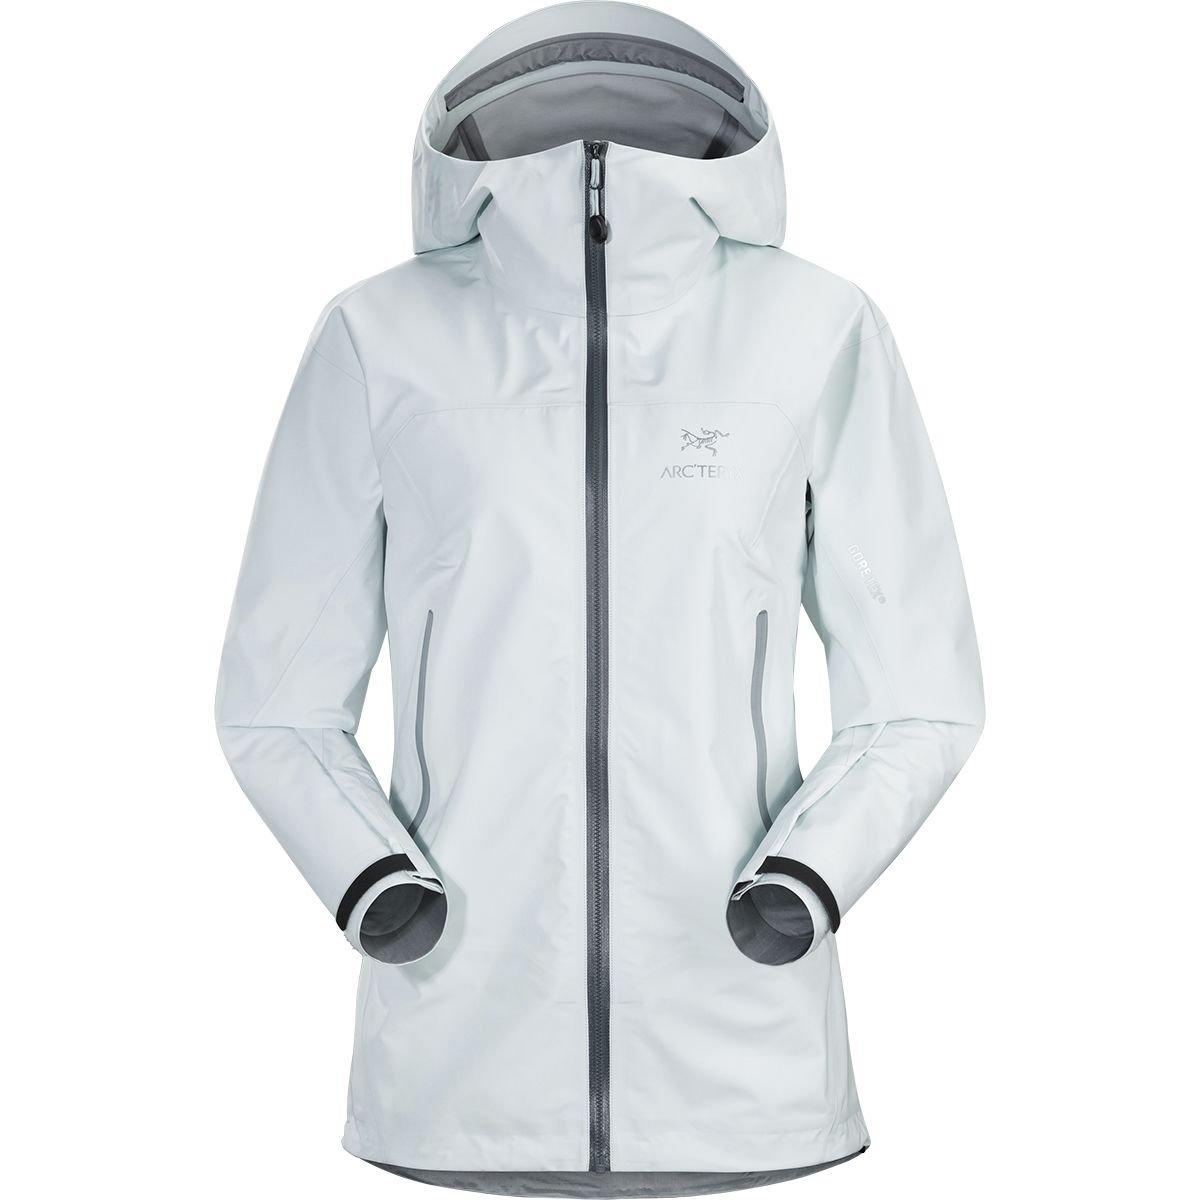 (アークテリクス) Arc'teryx Zeta LT Jacket Women's メンズ ジャケットDew Drop [並行輸入品] B078RJ2YD2 S|dew drop dew drop S